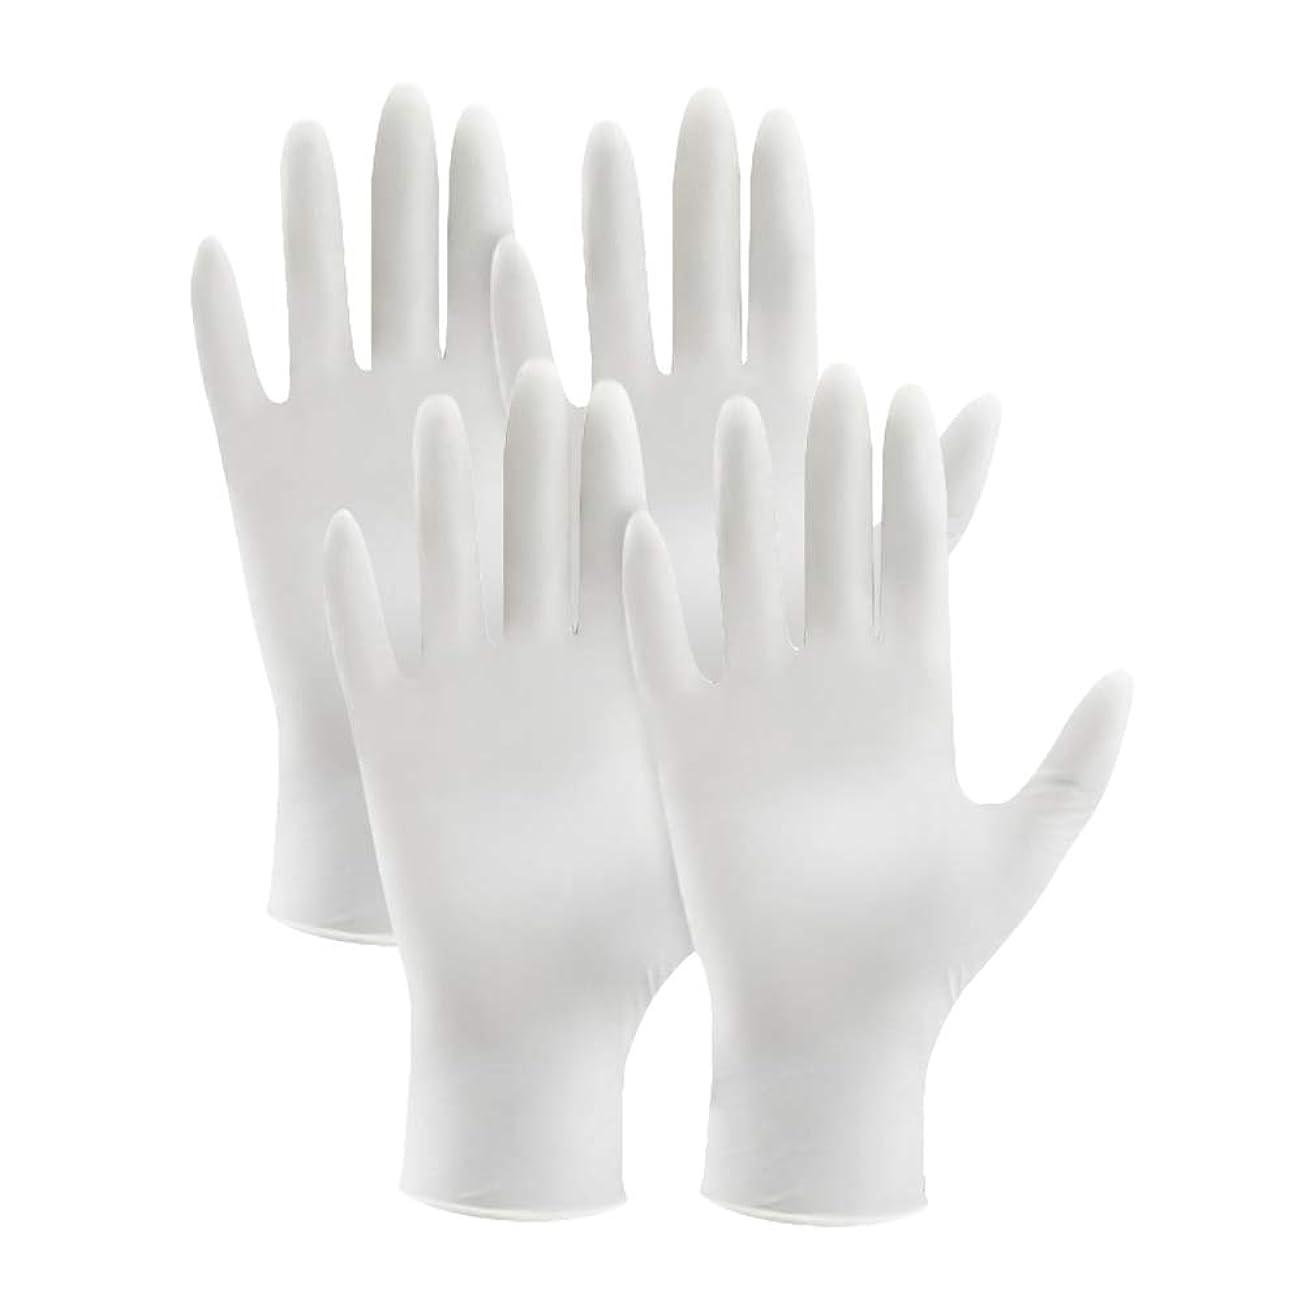 首謀者士気価値のないsupbel ニトリル手袋 使い捨て手袋 粉あり まるで素手の様な感覚で作業ができる 極薄 ゴム手袋 白 ホワイト 左右兼用 品質 作業薄手手袋 4枚入り